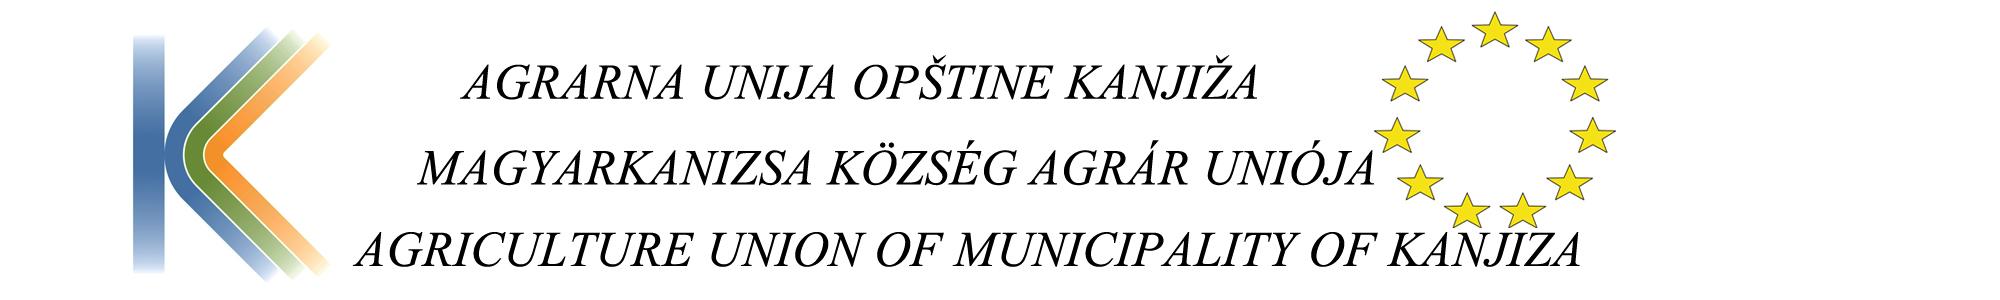 Magyarkanizsa Község Agrár Uniója